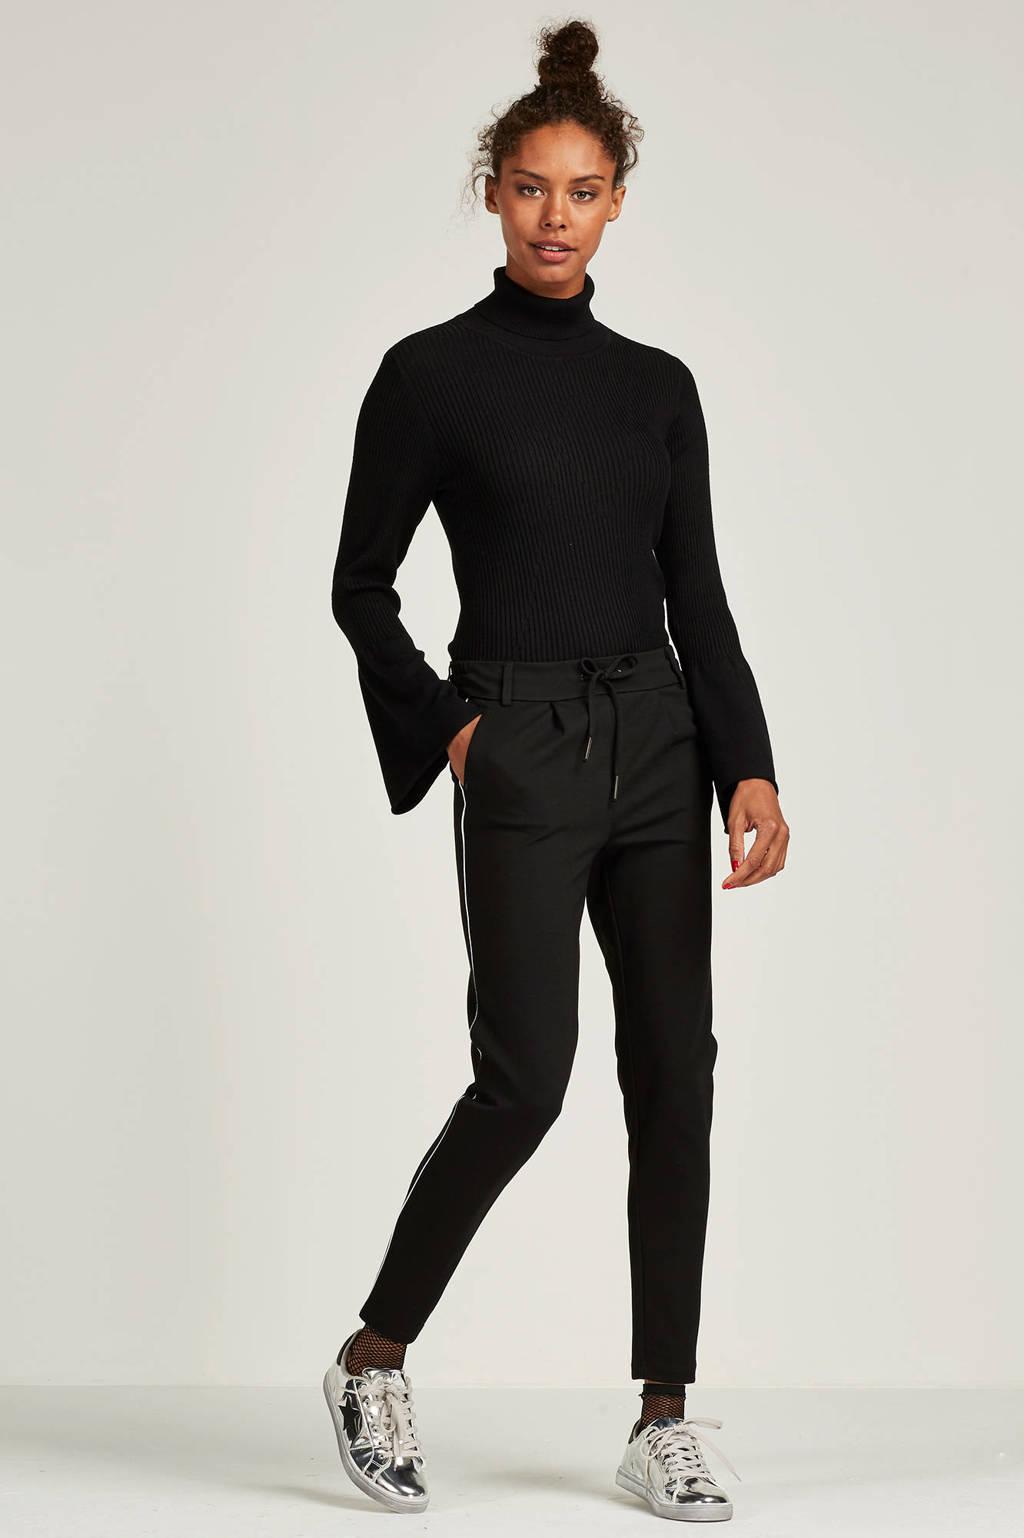 ONLY broek met zijstreep, Zwart/wit